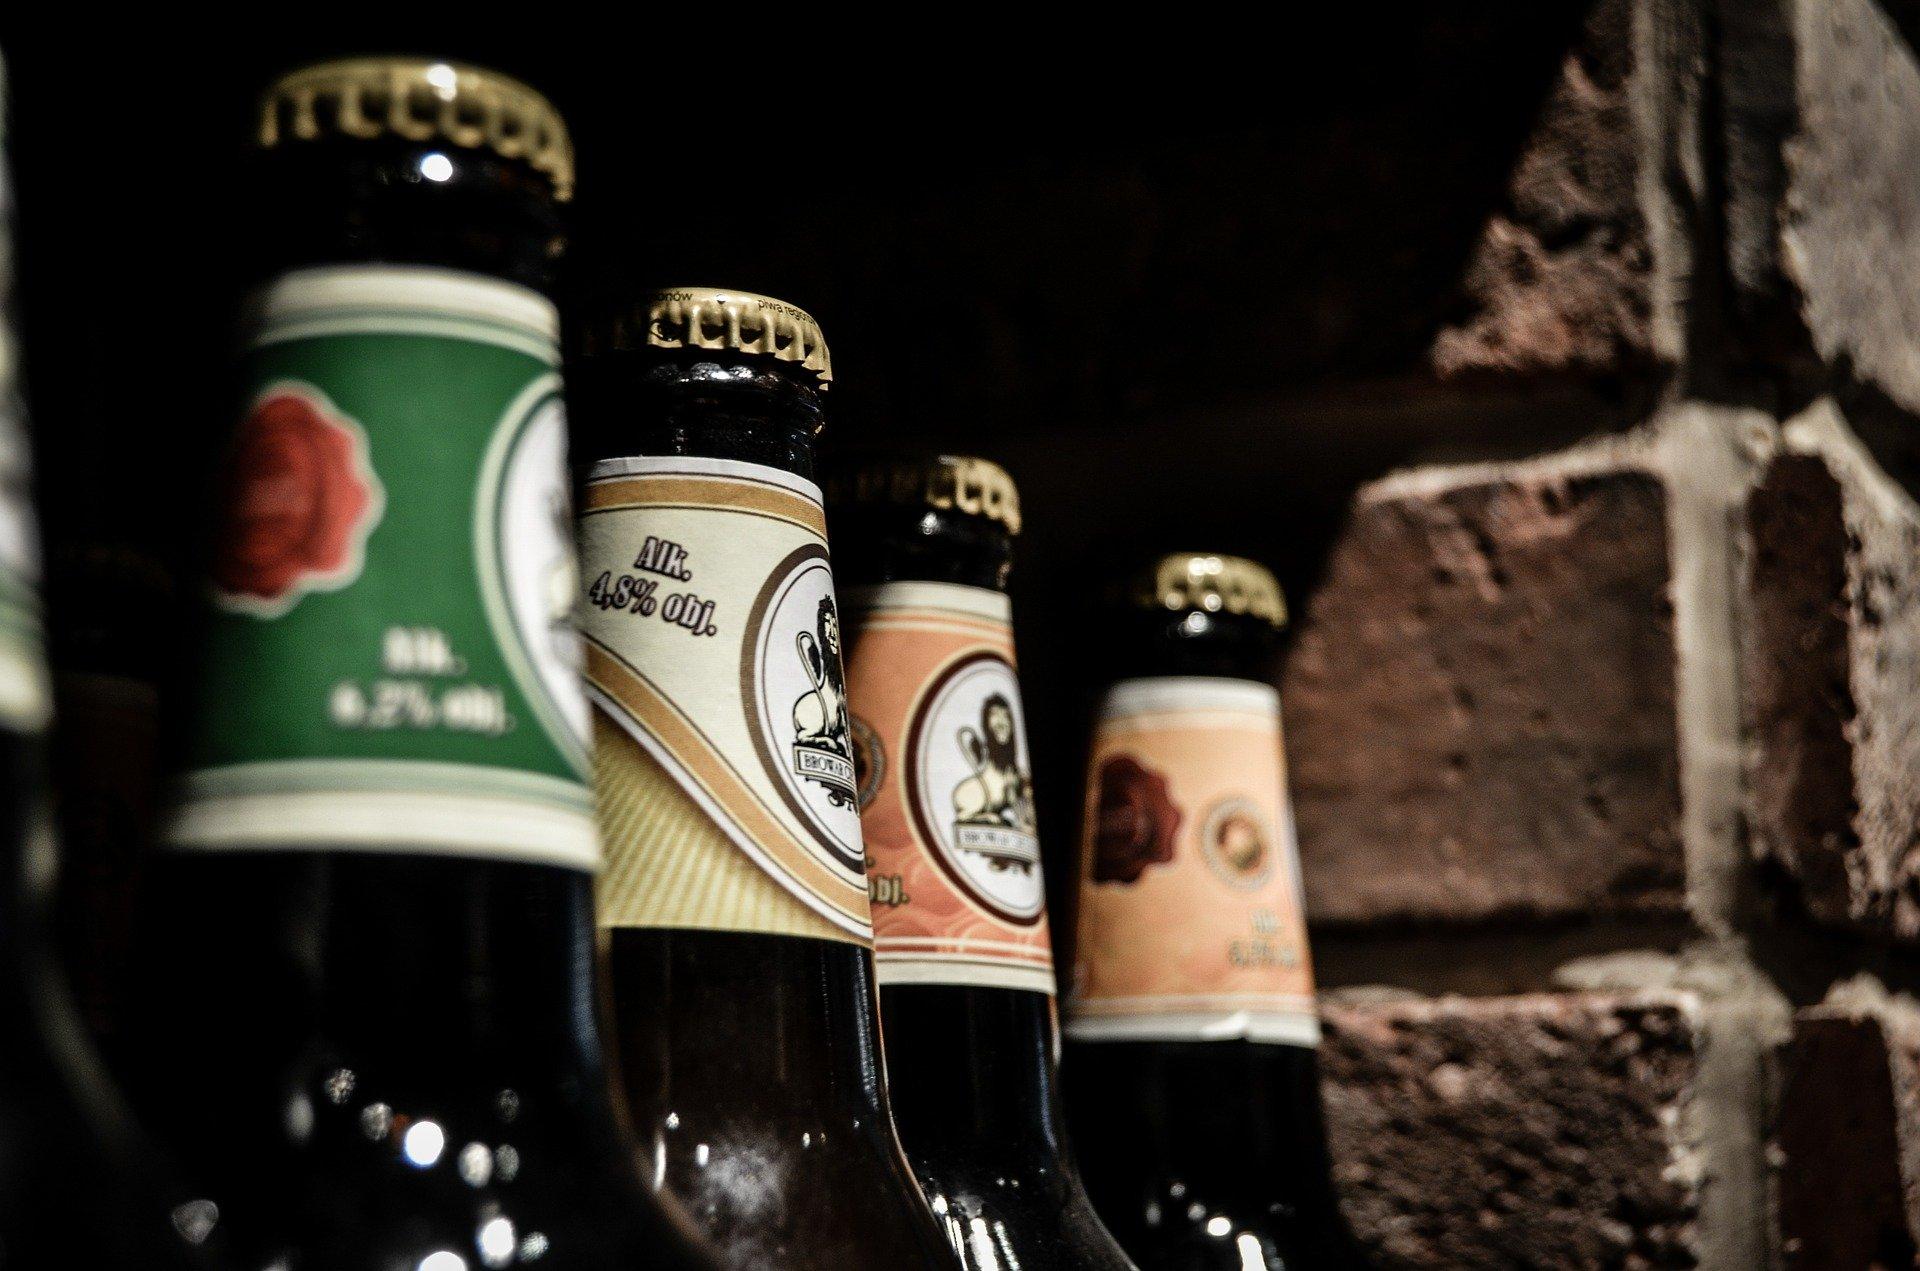 Vemos algumas garrafas de cerveja ao lado uma da outra (imagem ilustrativa).